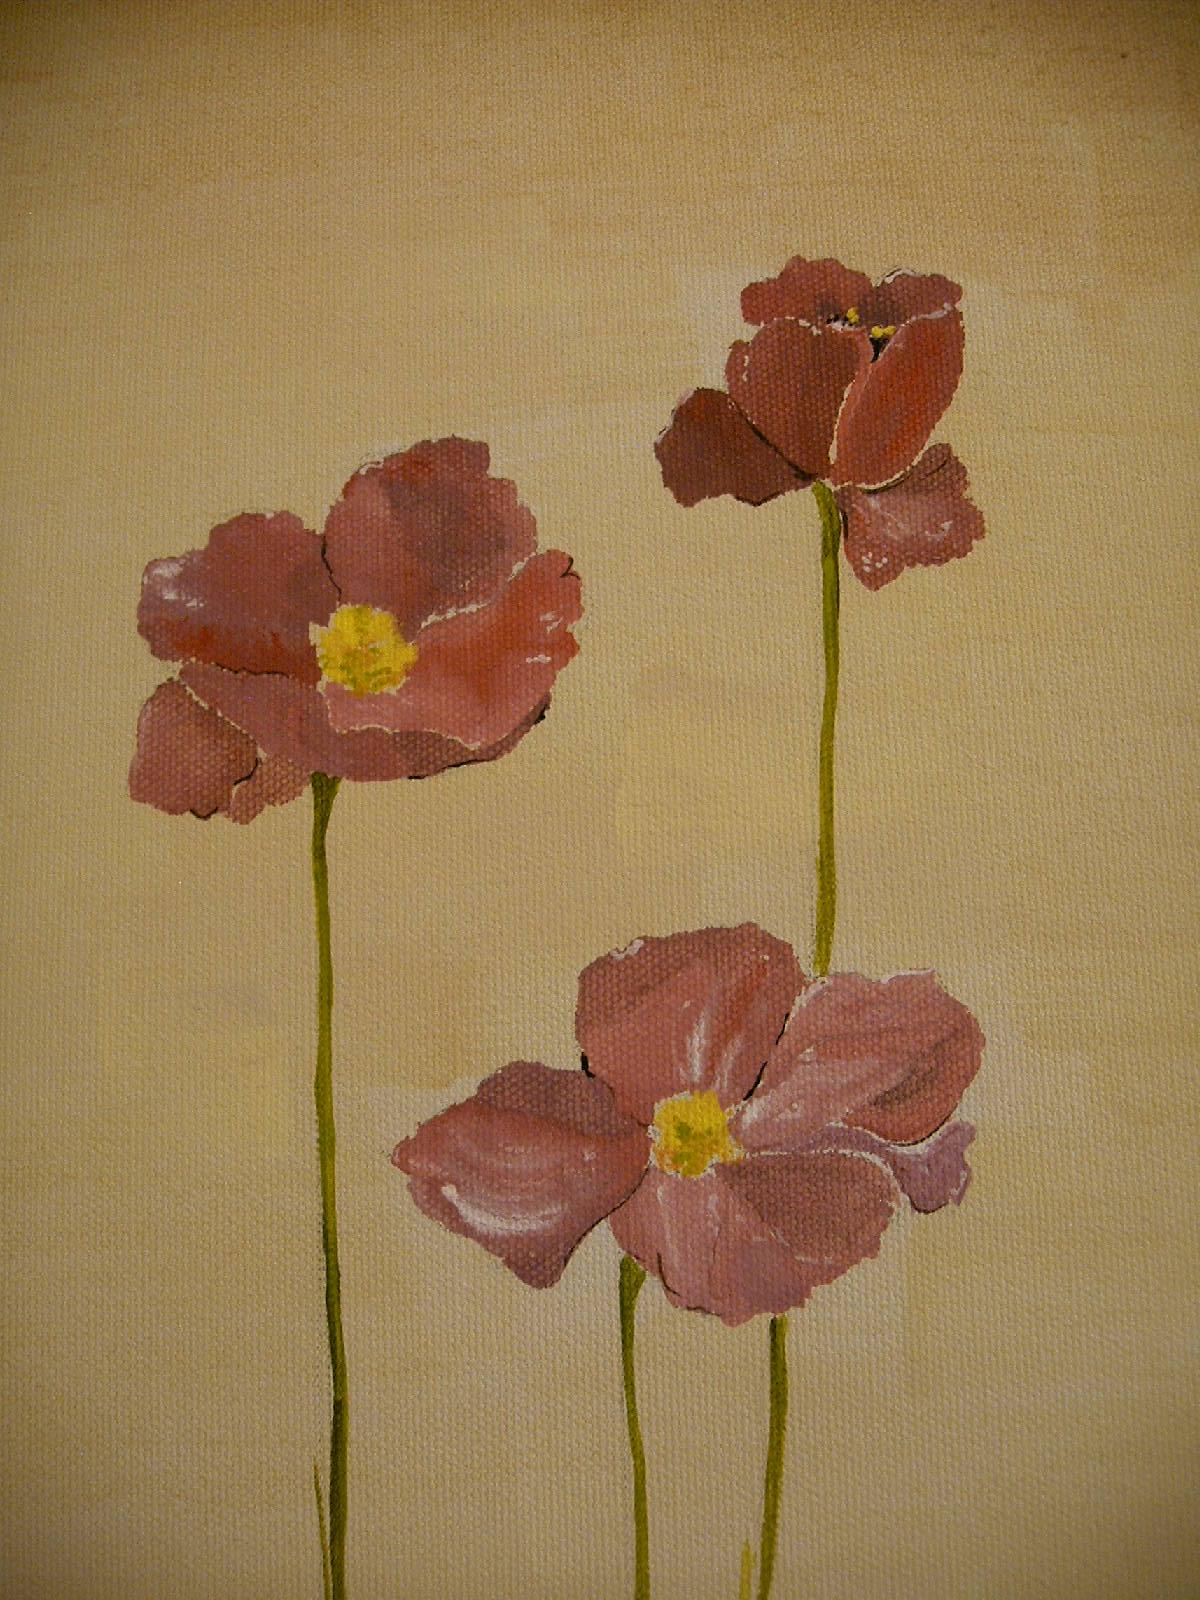 GicaArt Watercolor Flowers